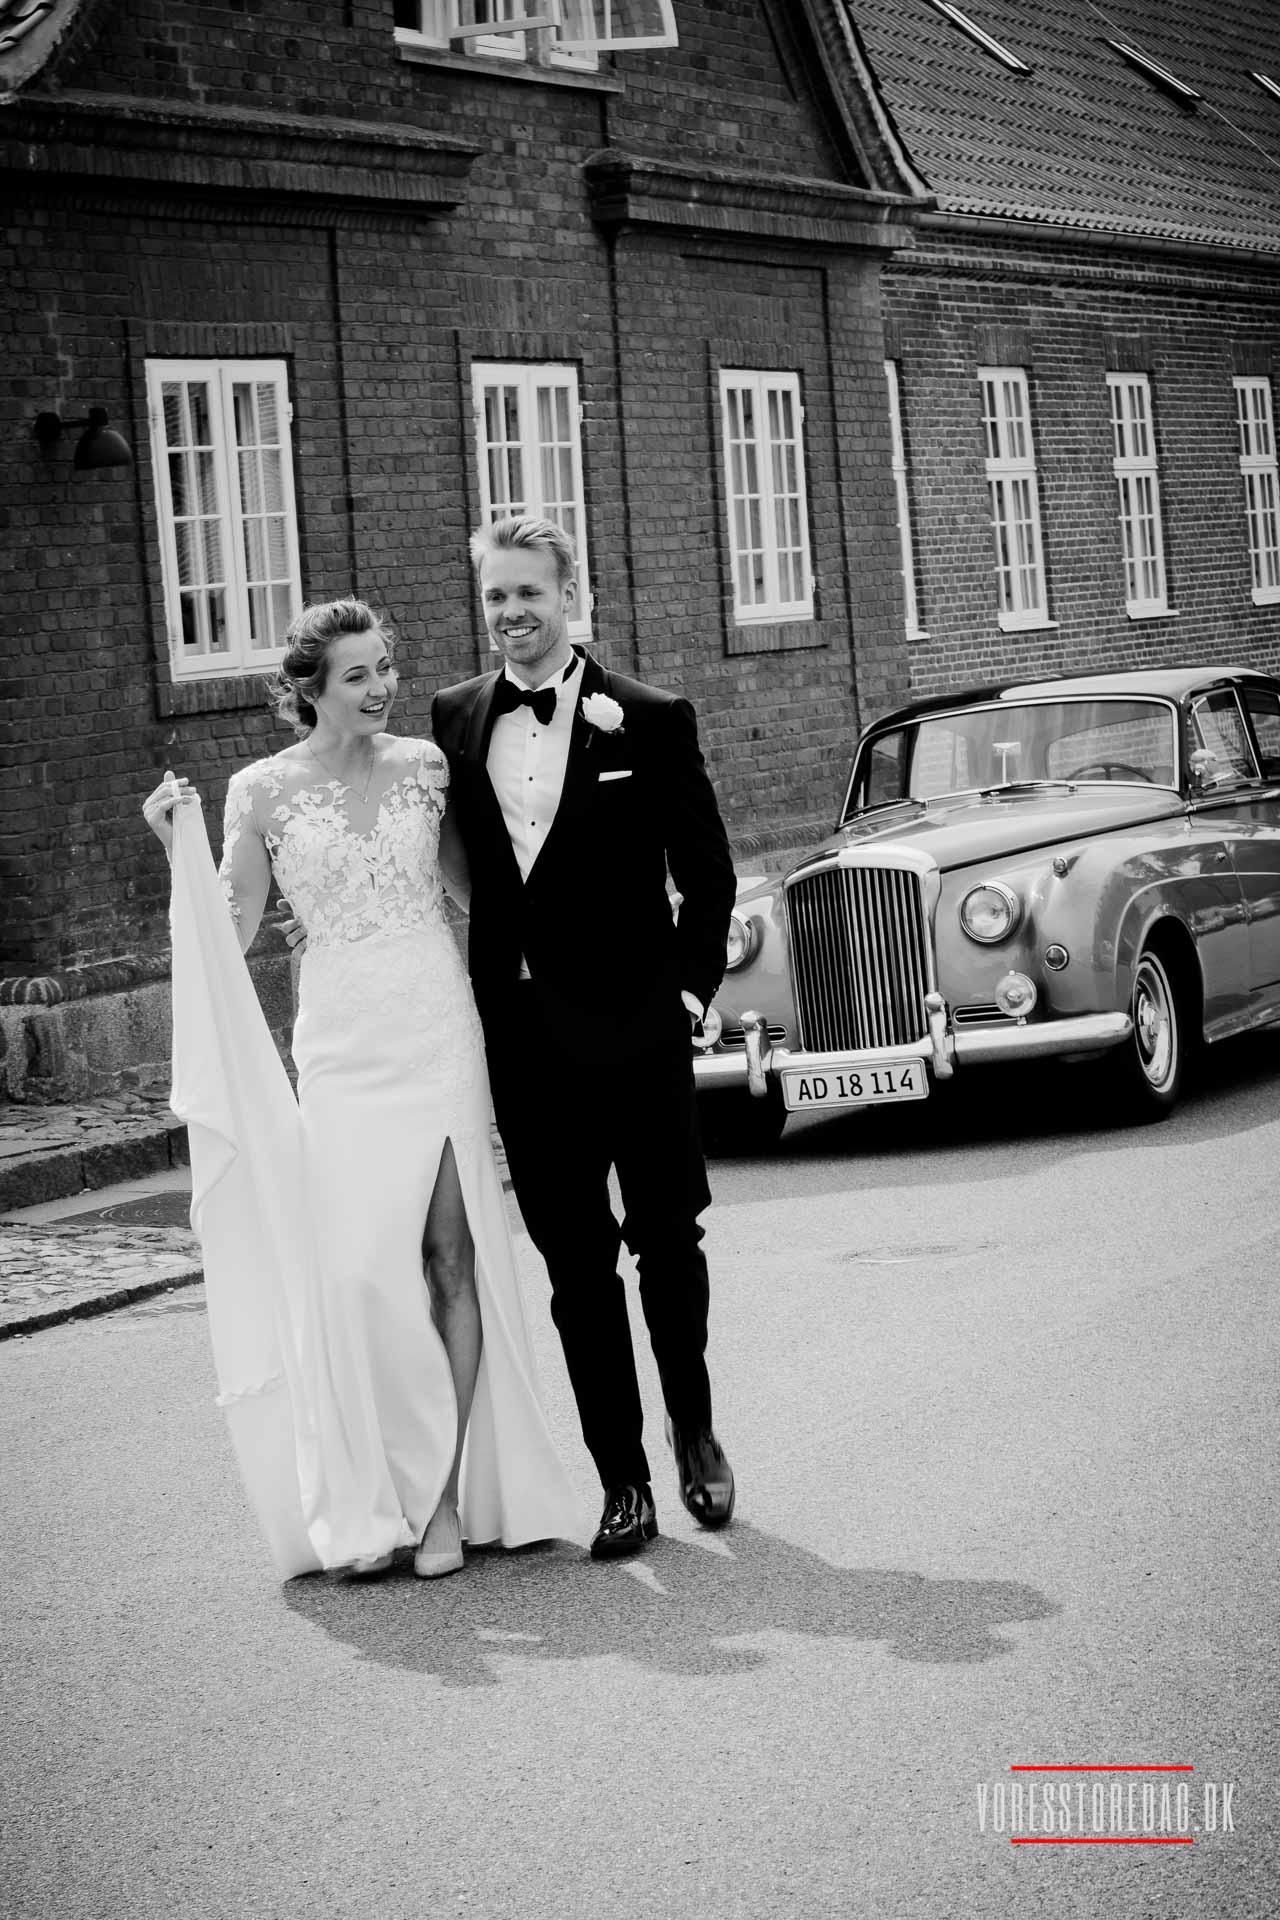 Bryllup middelfart Bryllupsfotograf - Fotograf Middelfart